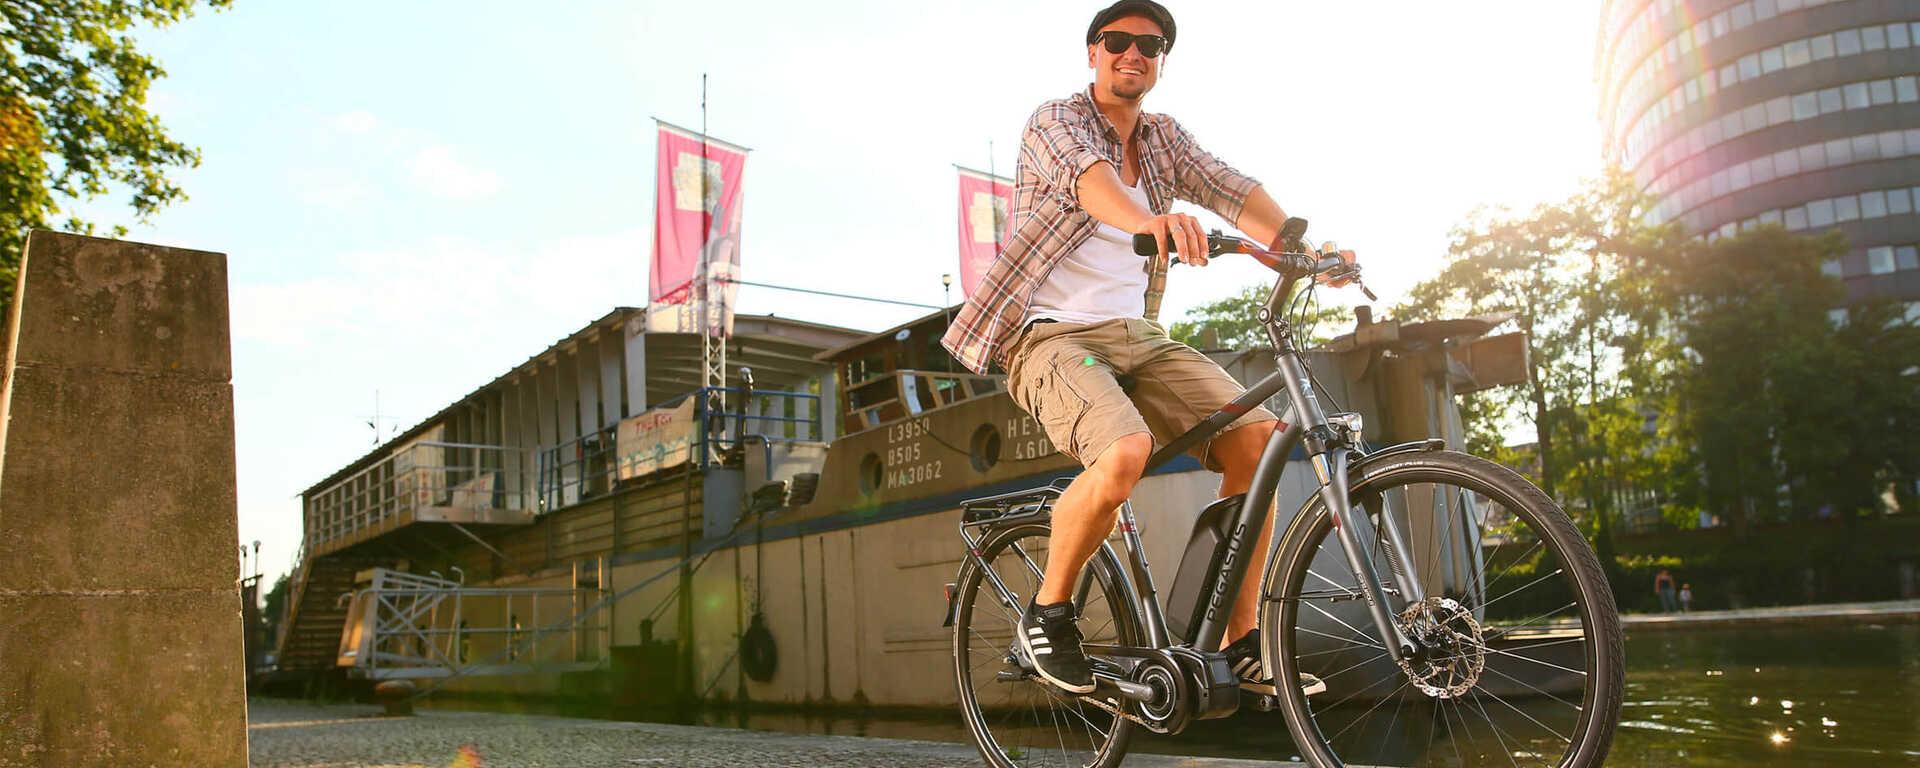 Mann fährt auf einem Pegasus E-Bike durch die Stadt